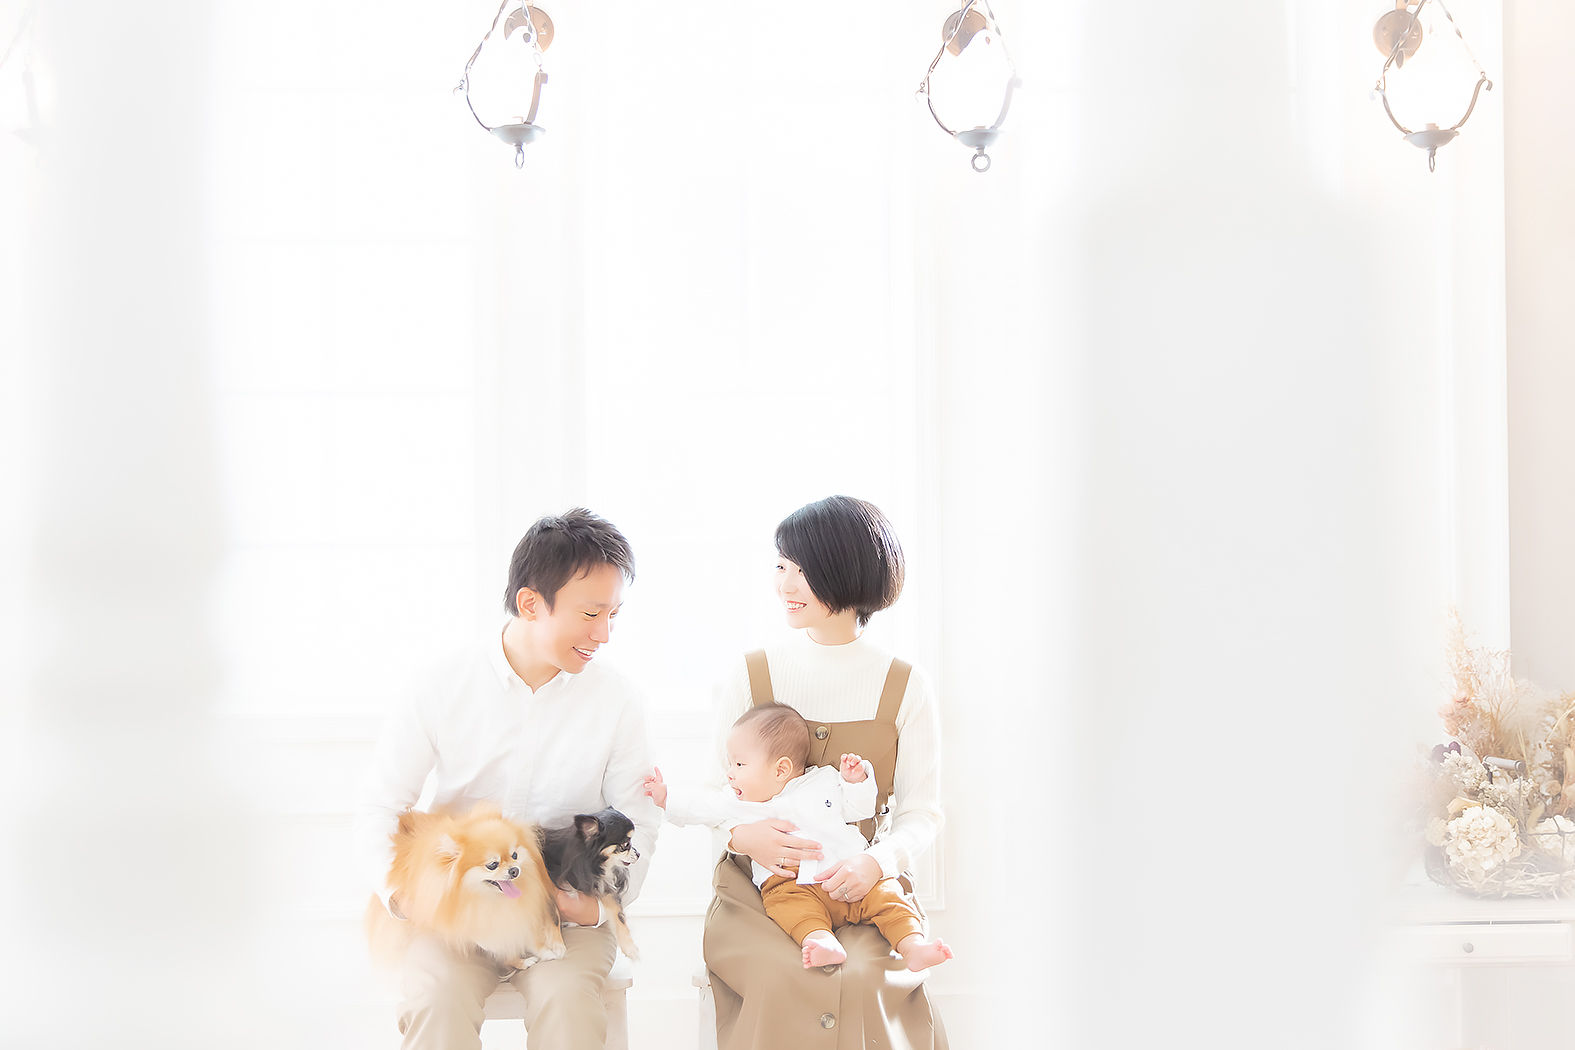 家族写真,ハーフバースデー,わんちゃん,チワワ,ポメラニアン